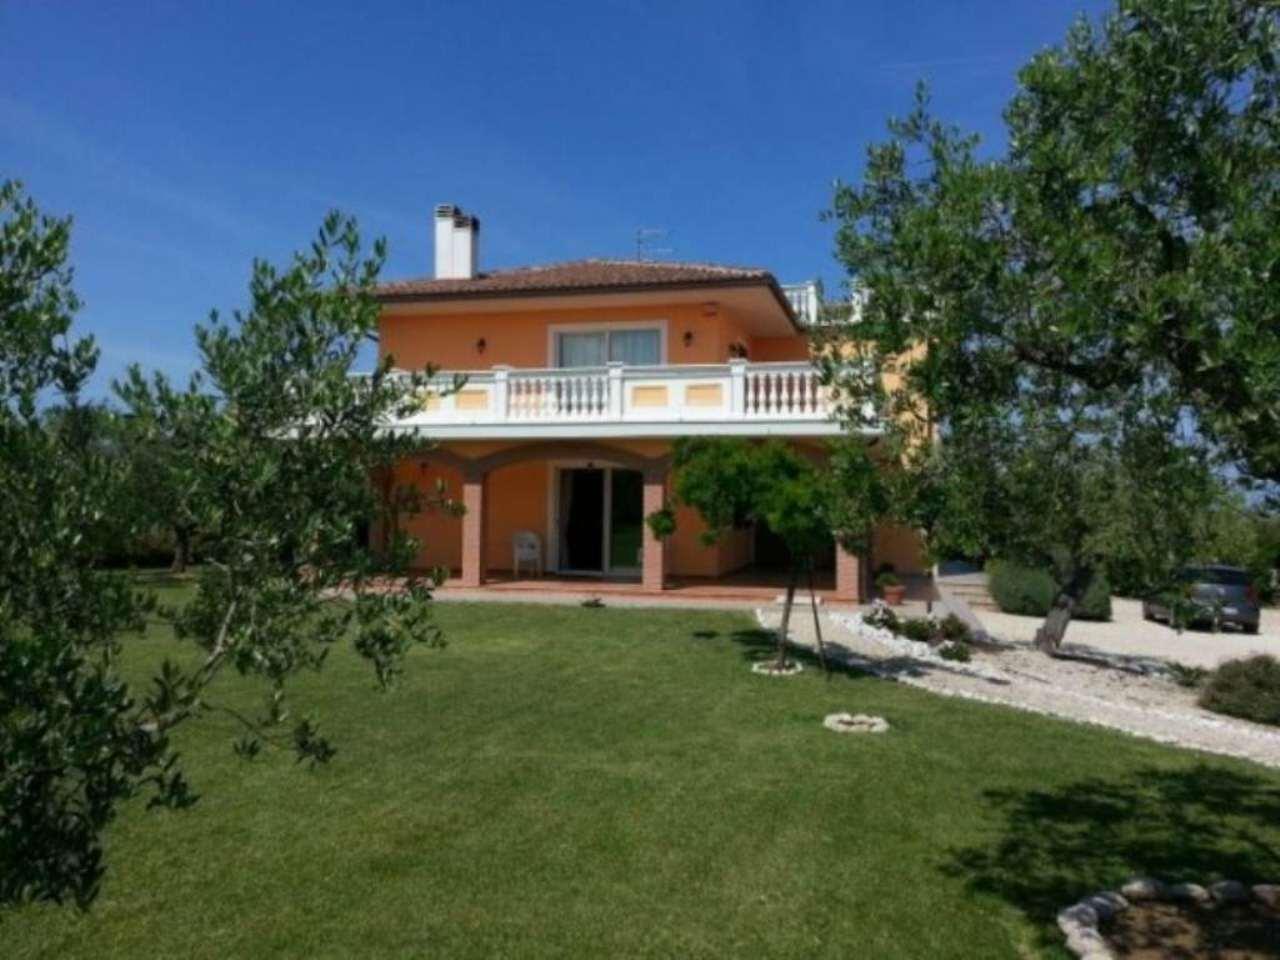 Villa in vendita a Città Sant'Angelo, 6 locali, Trattative riservate | Cambio Casa.it